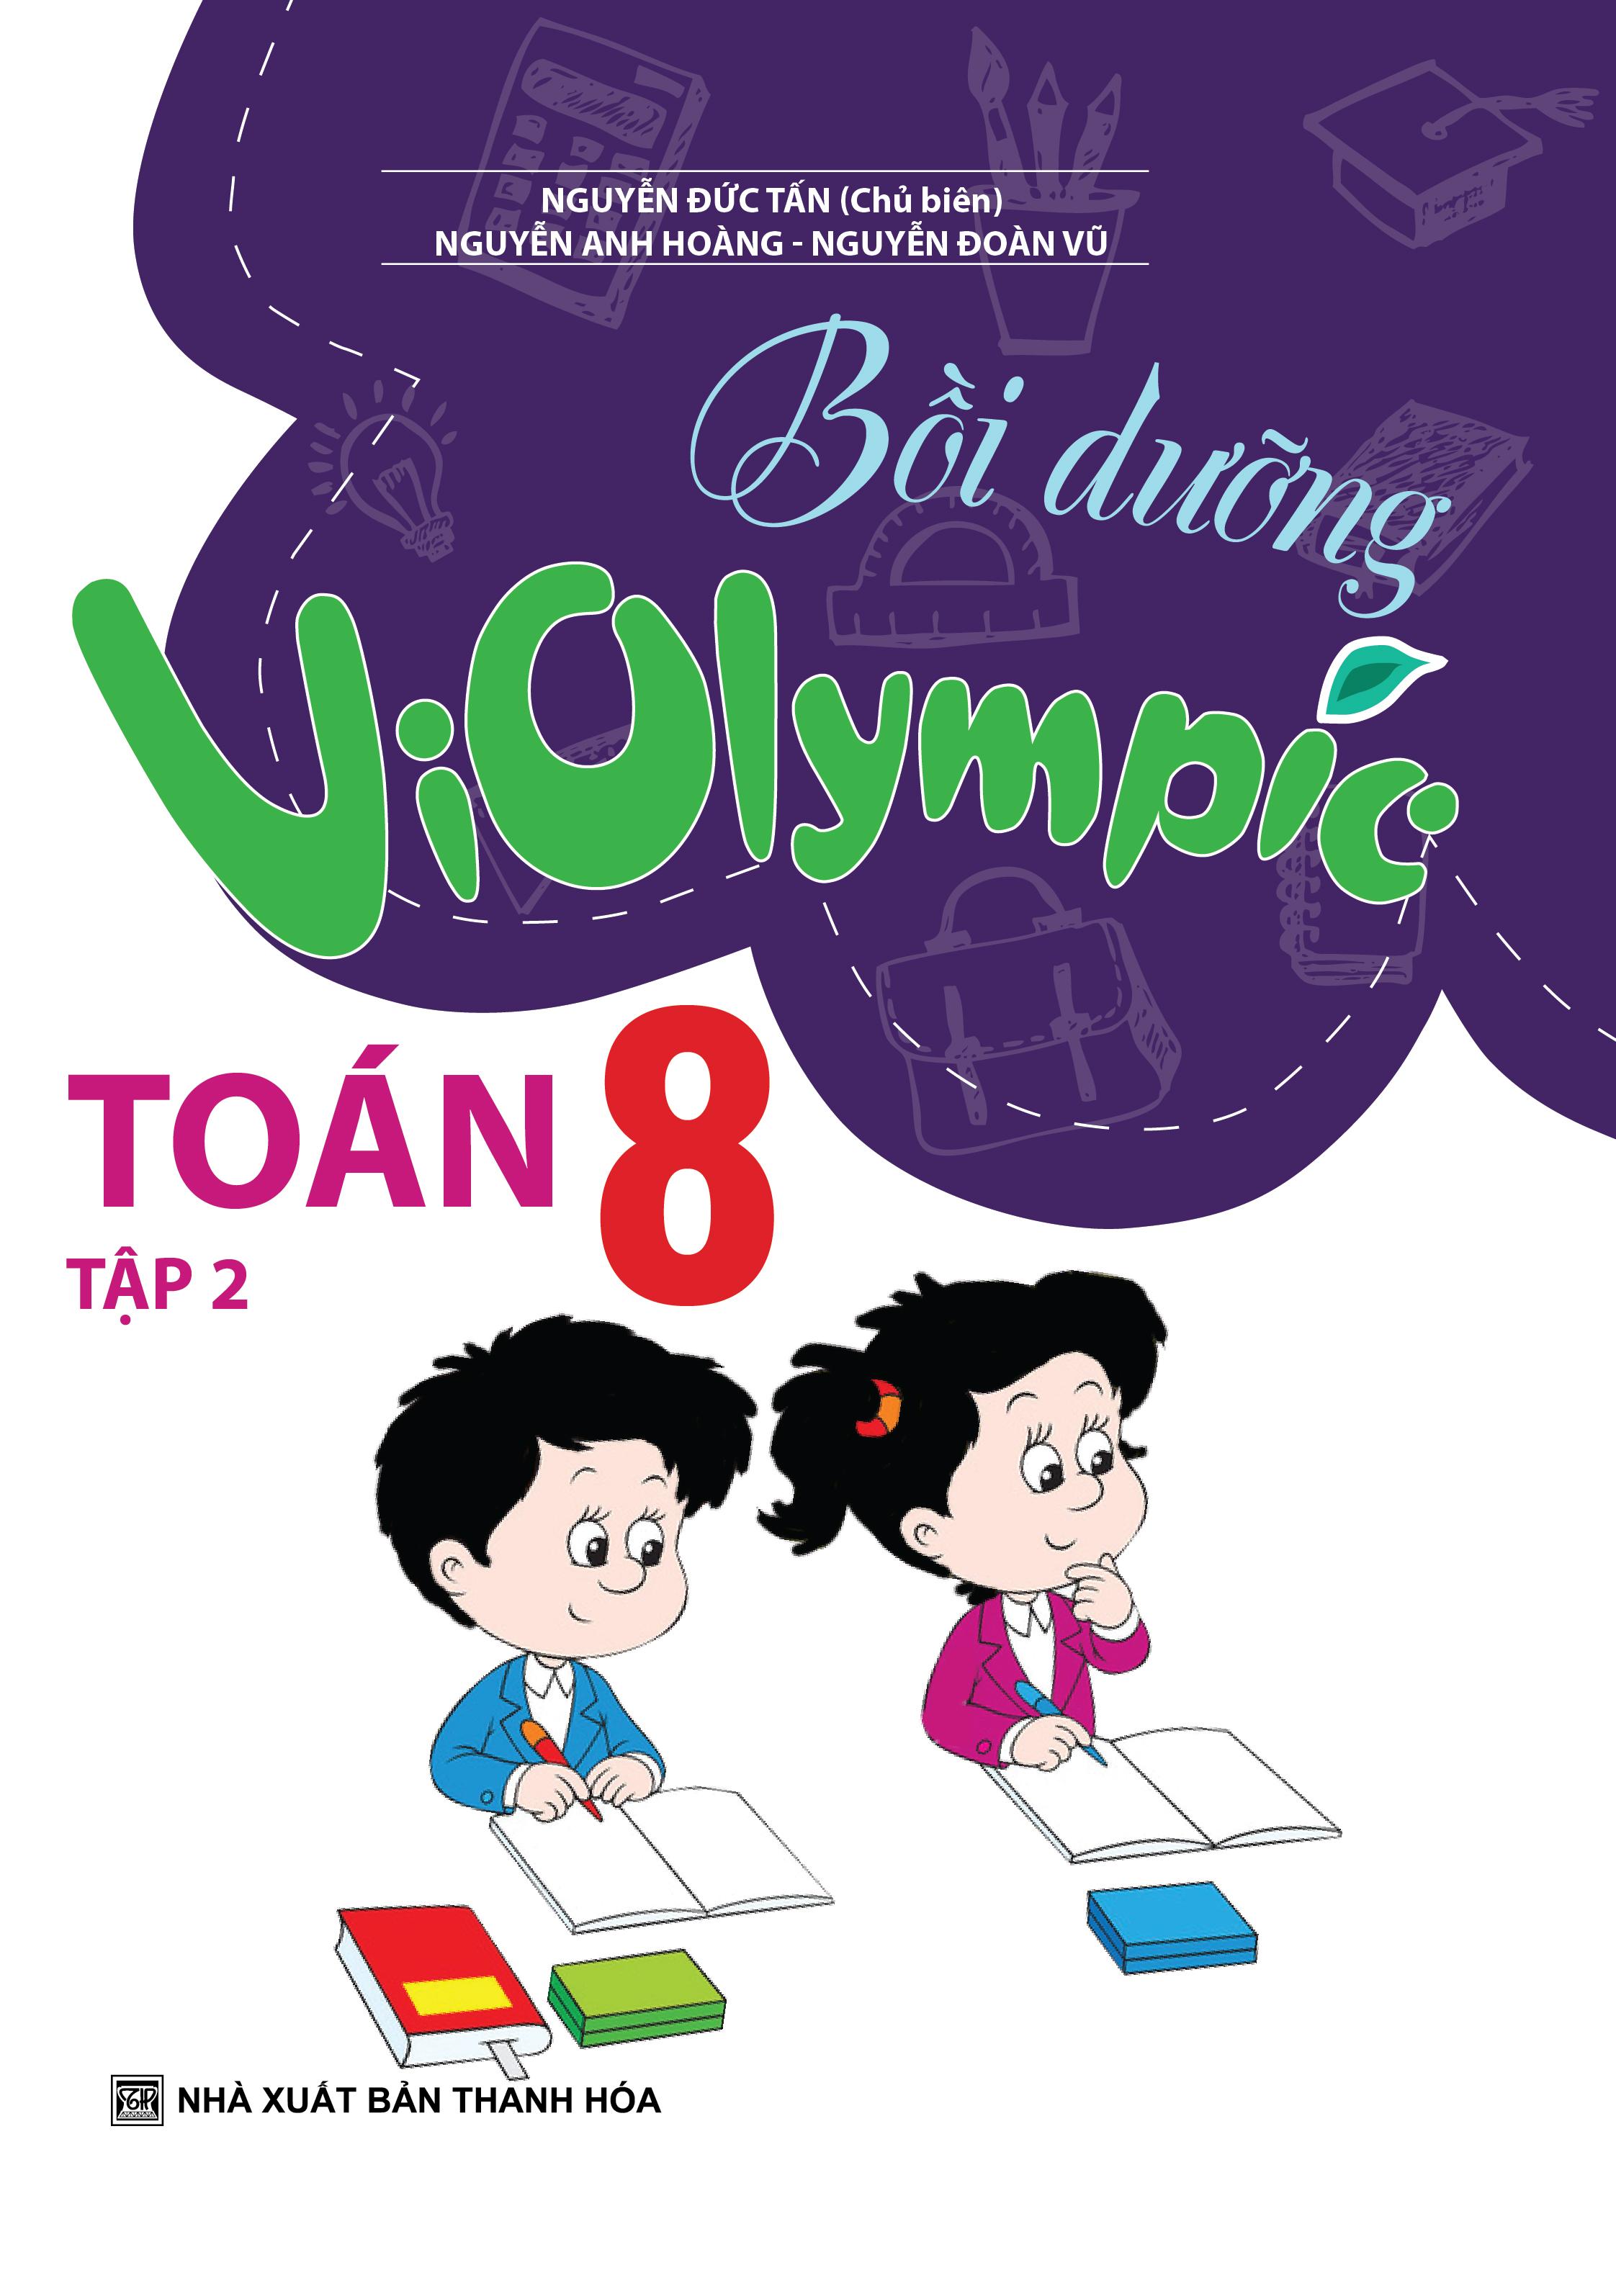 Bồi Dưỡng Violympic Toán 8 Tập 2 - Nguyễn Đức Tấn - EBOOK/PDF/PRC/EPUB